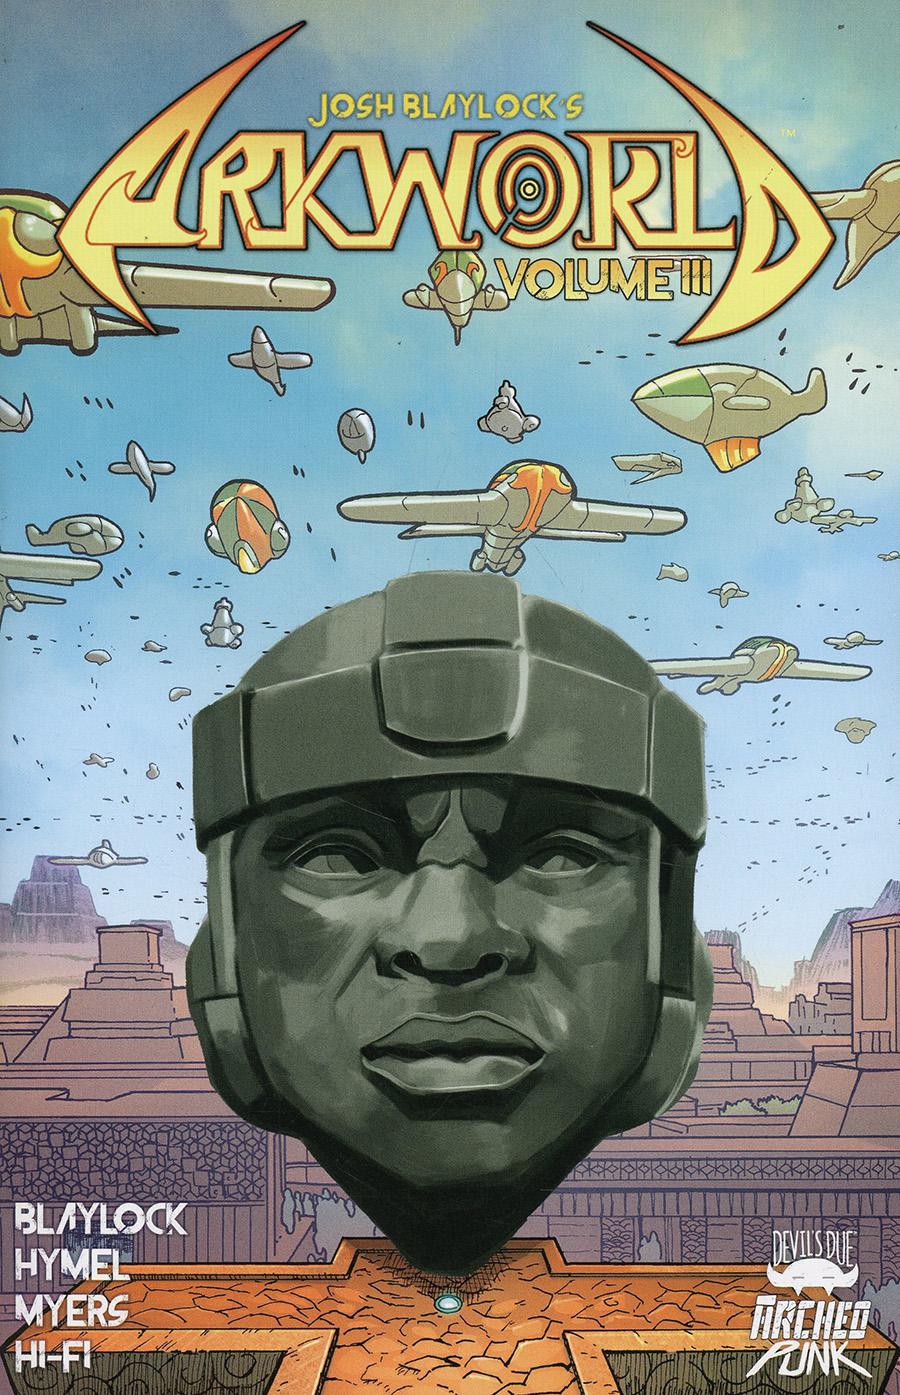 Arkworld #3